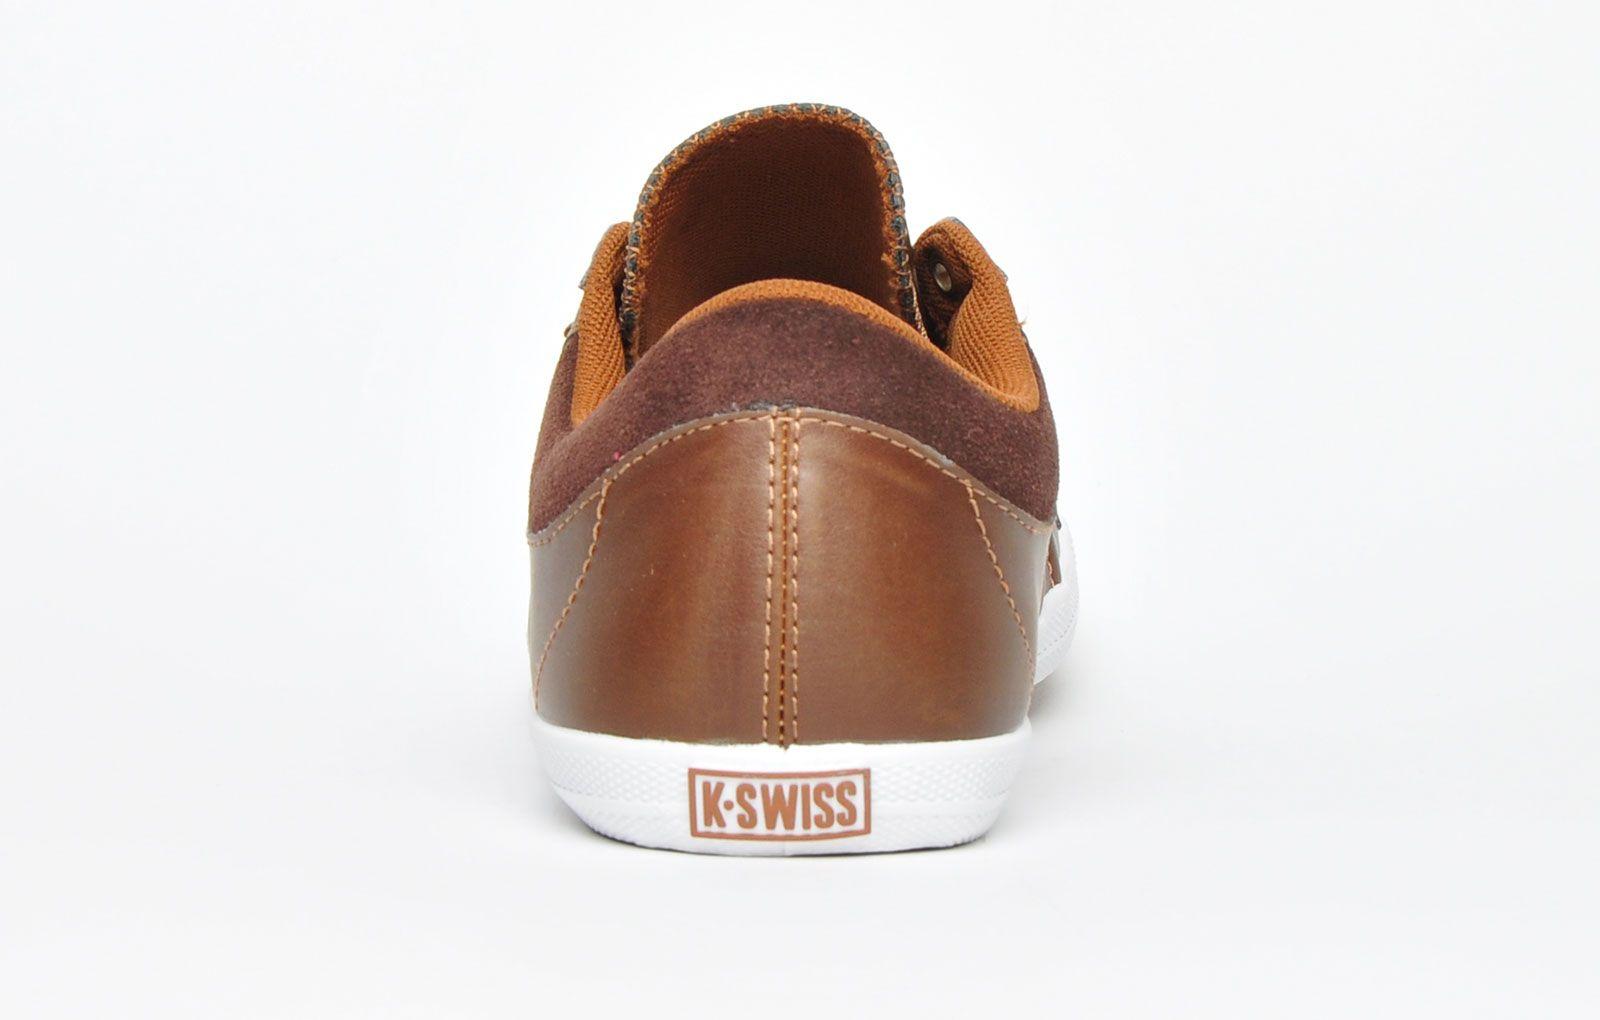 K Swiss HOF IV S VNZ Mens